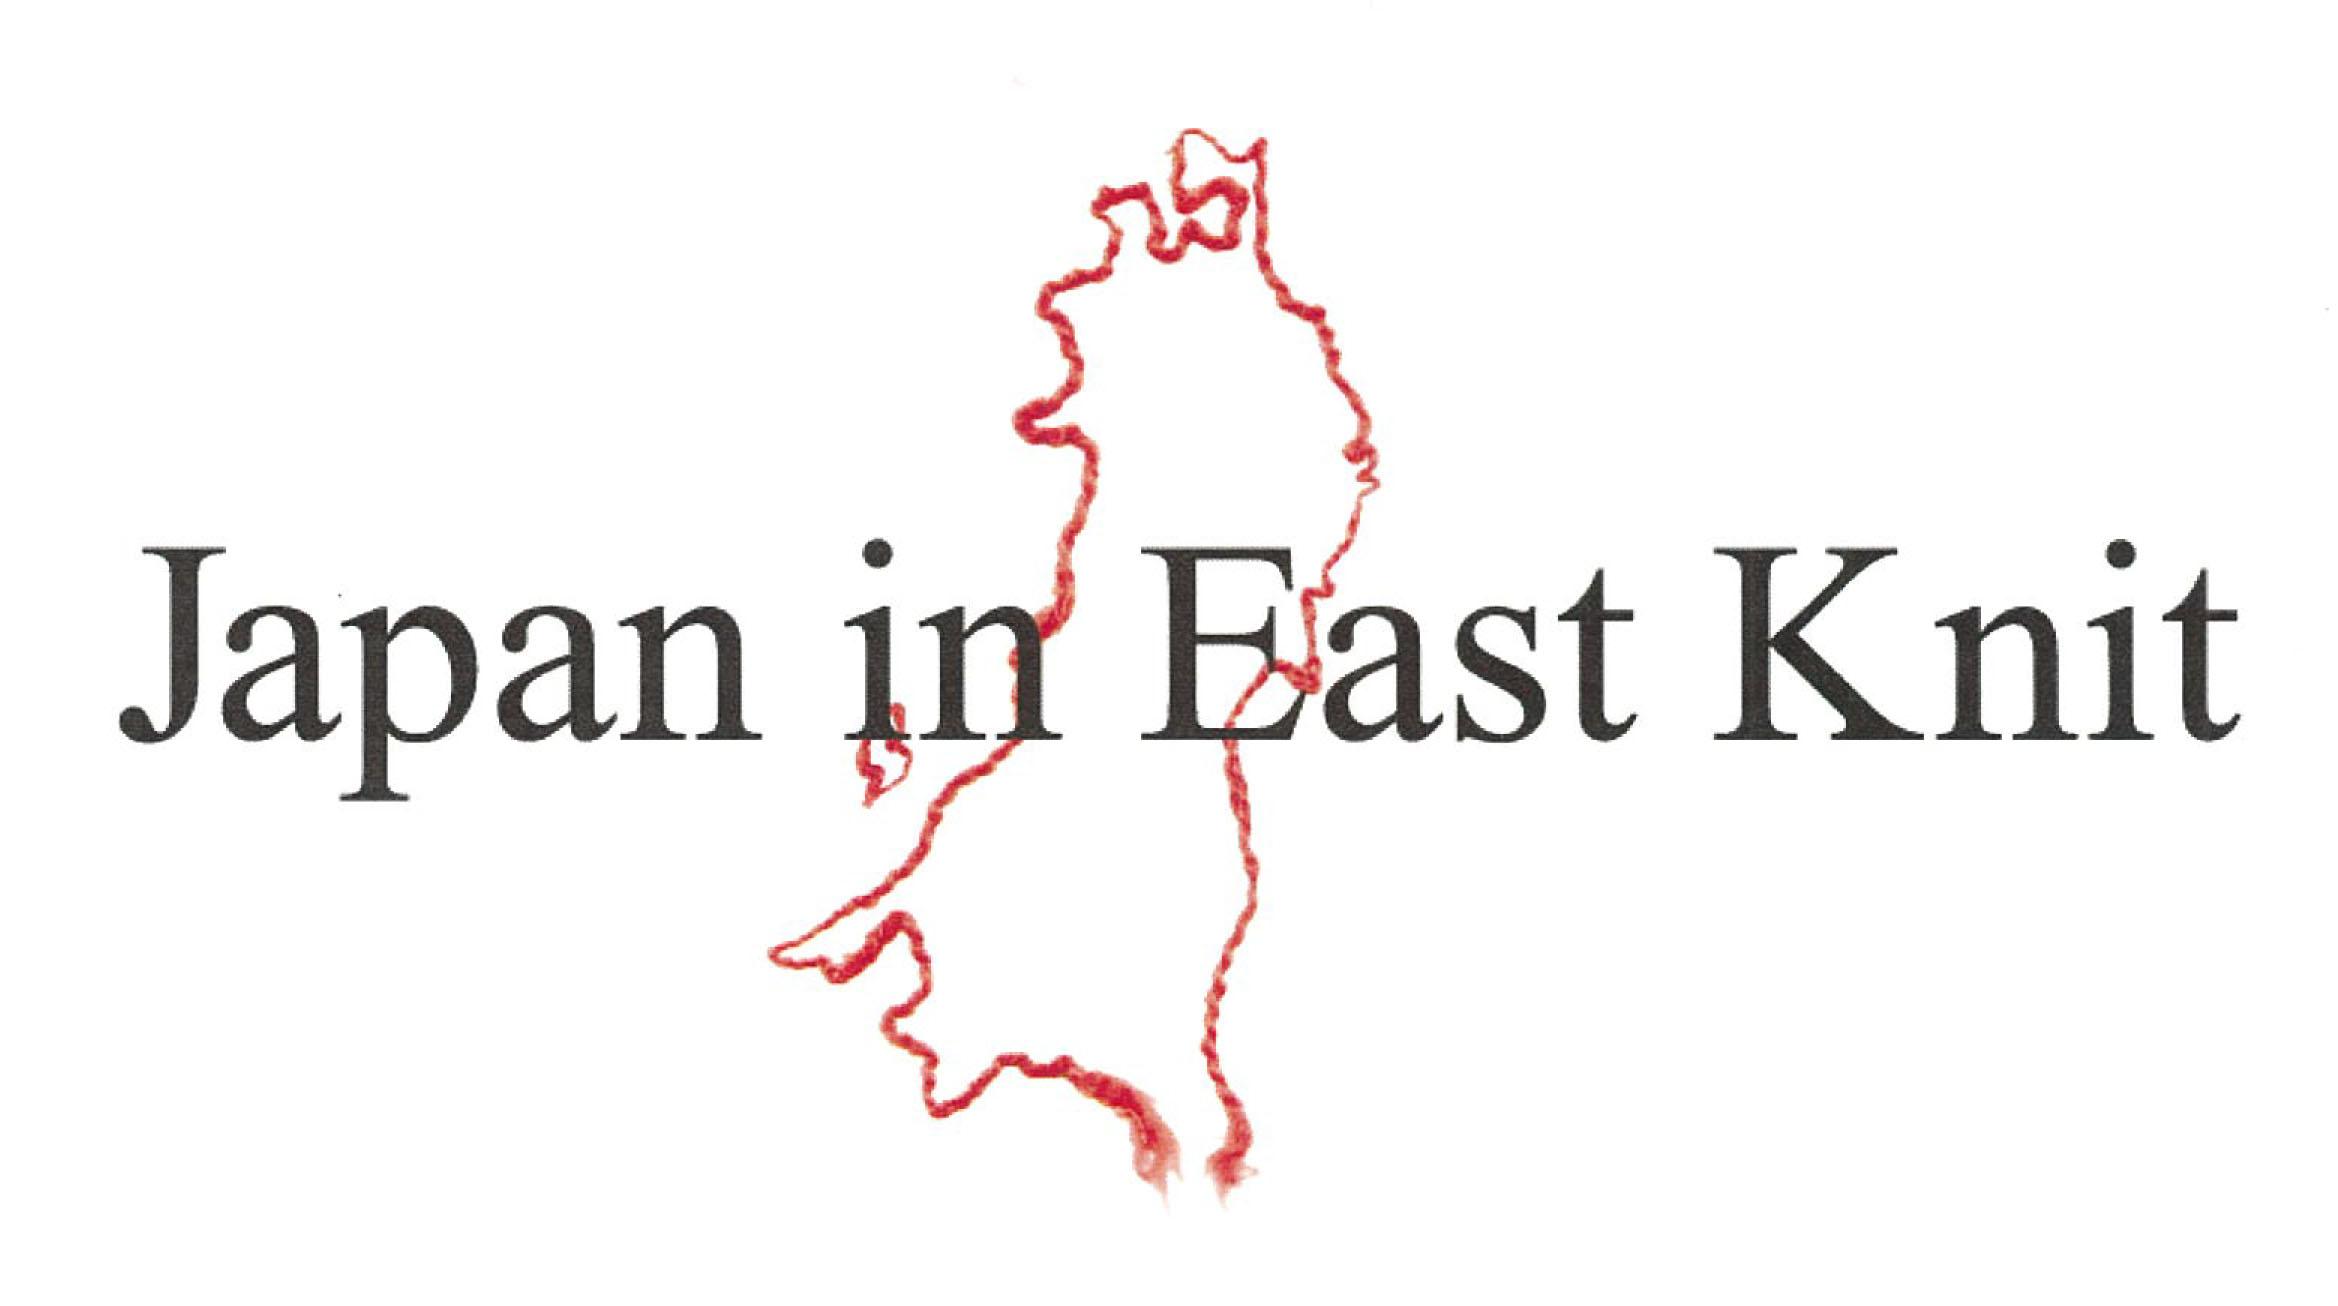 9th Japan in East Knit 展示会のお知らせの写真